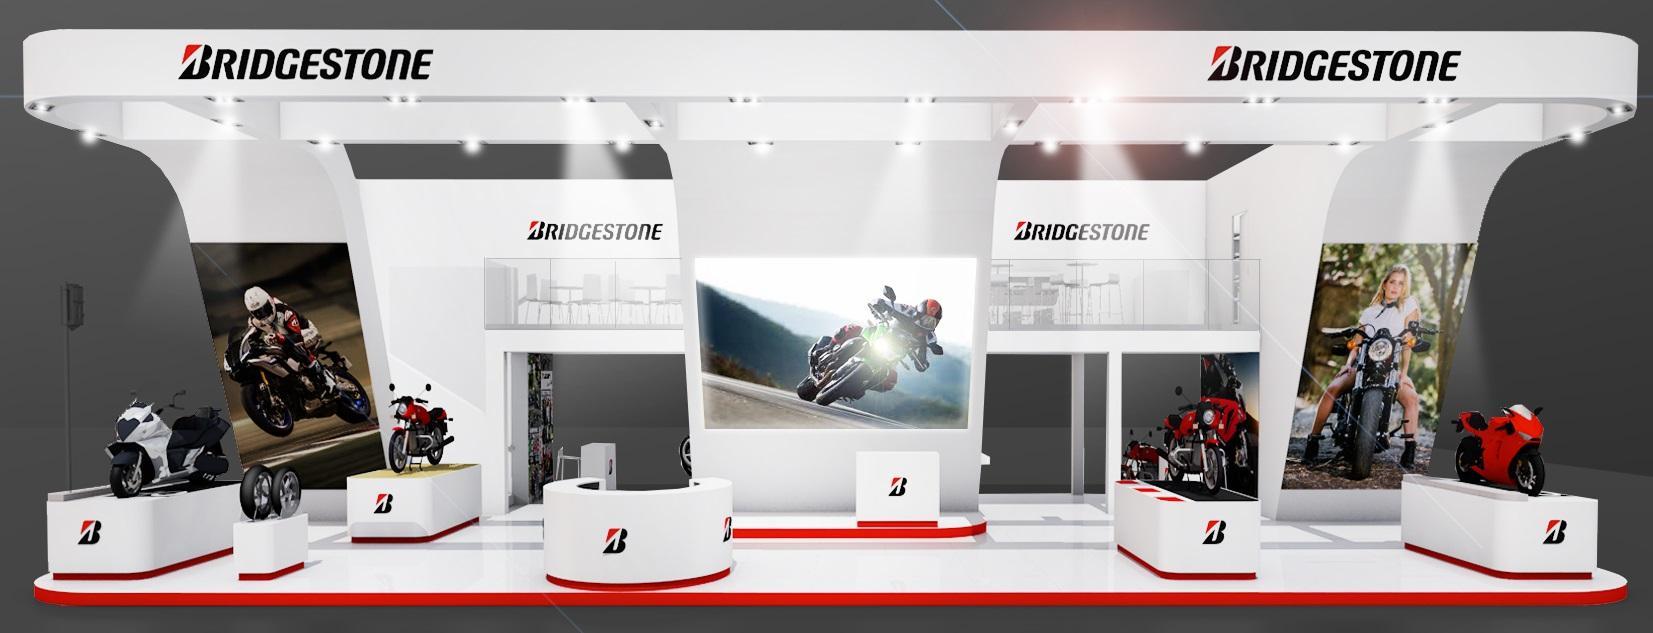 Bridgestone привезет в Милан новые мотошины линейки Battlax